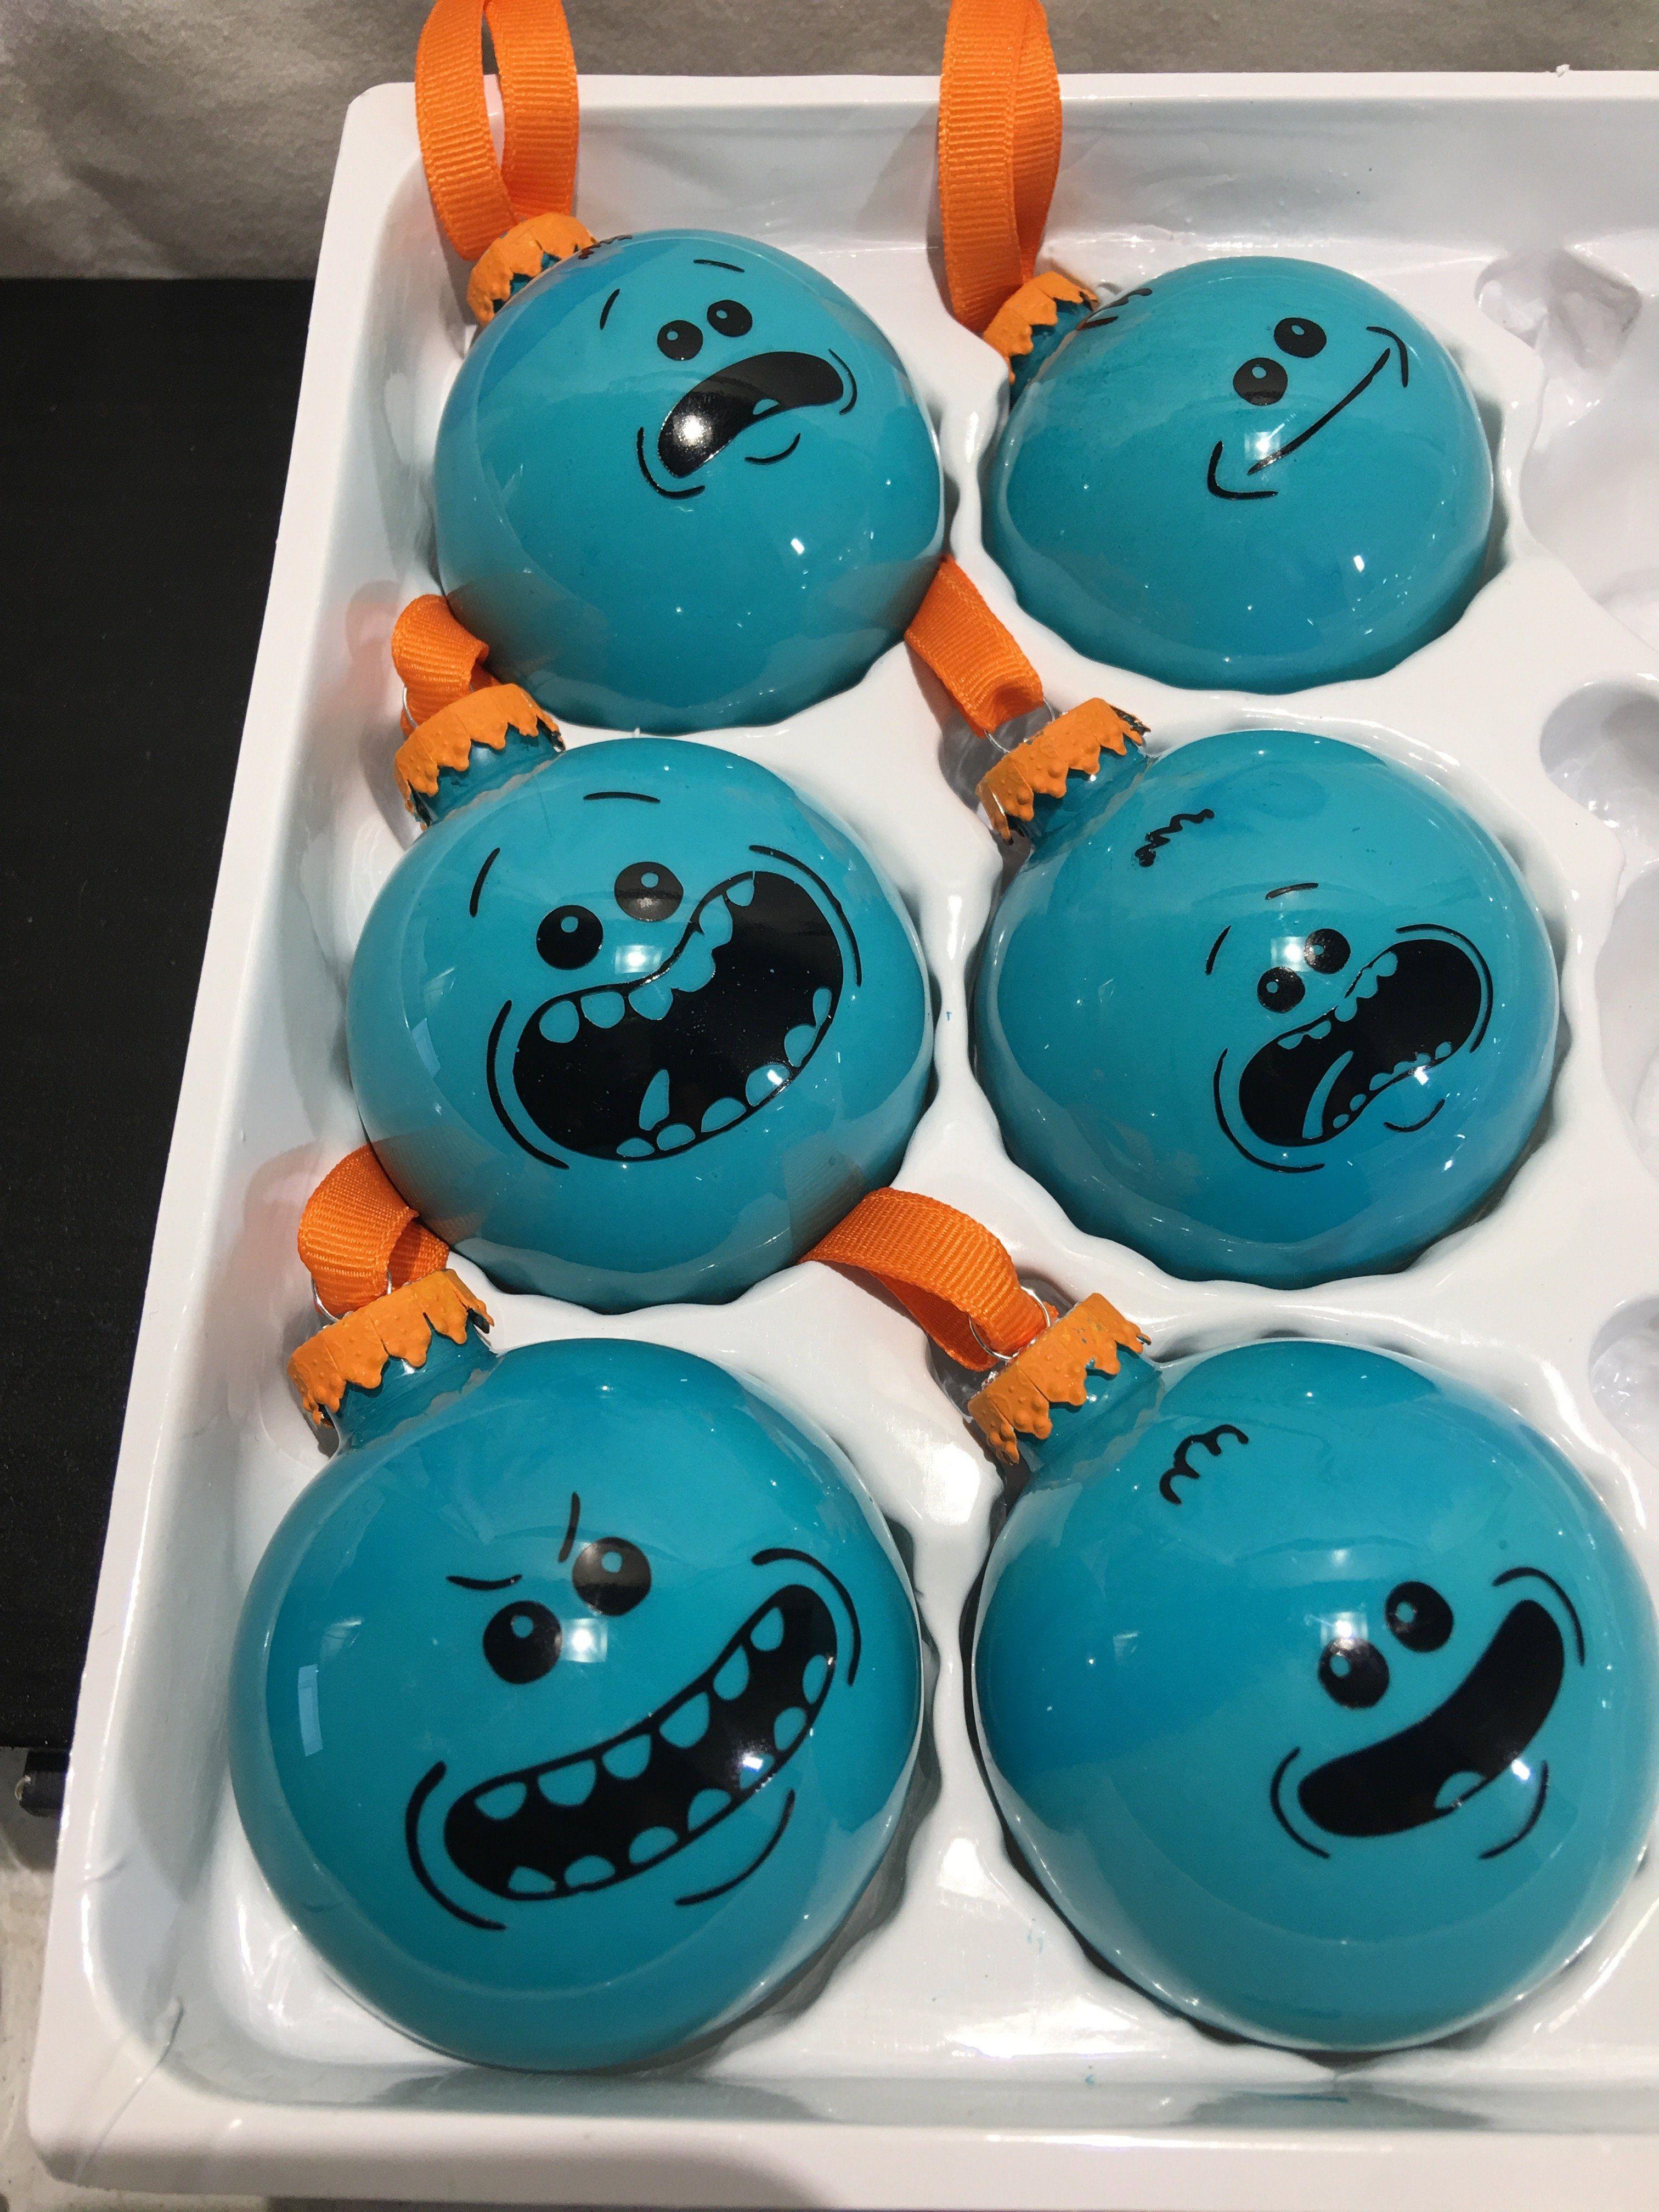 Rick And Morty Christmas Ornaments.Rick And Morty Mr Meeseeks Hand Made Glass Ball Christmas